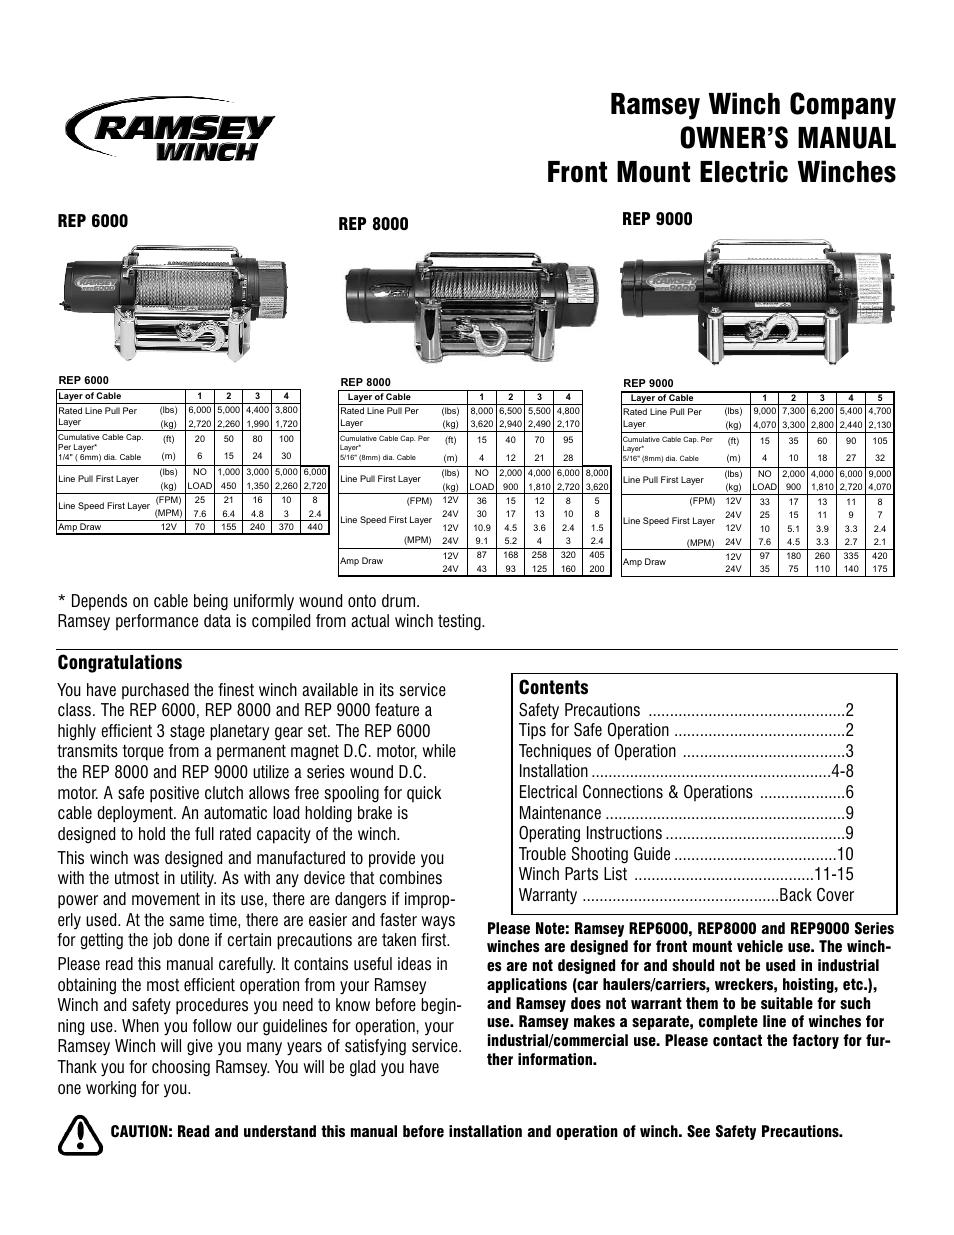 warn 2000 lb atv winch wiring diagram trailer connector 4 way 9500 8274 wiring-diagram ~ elsalvadorla